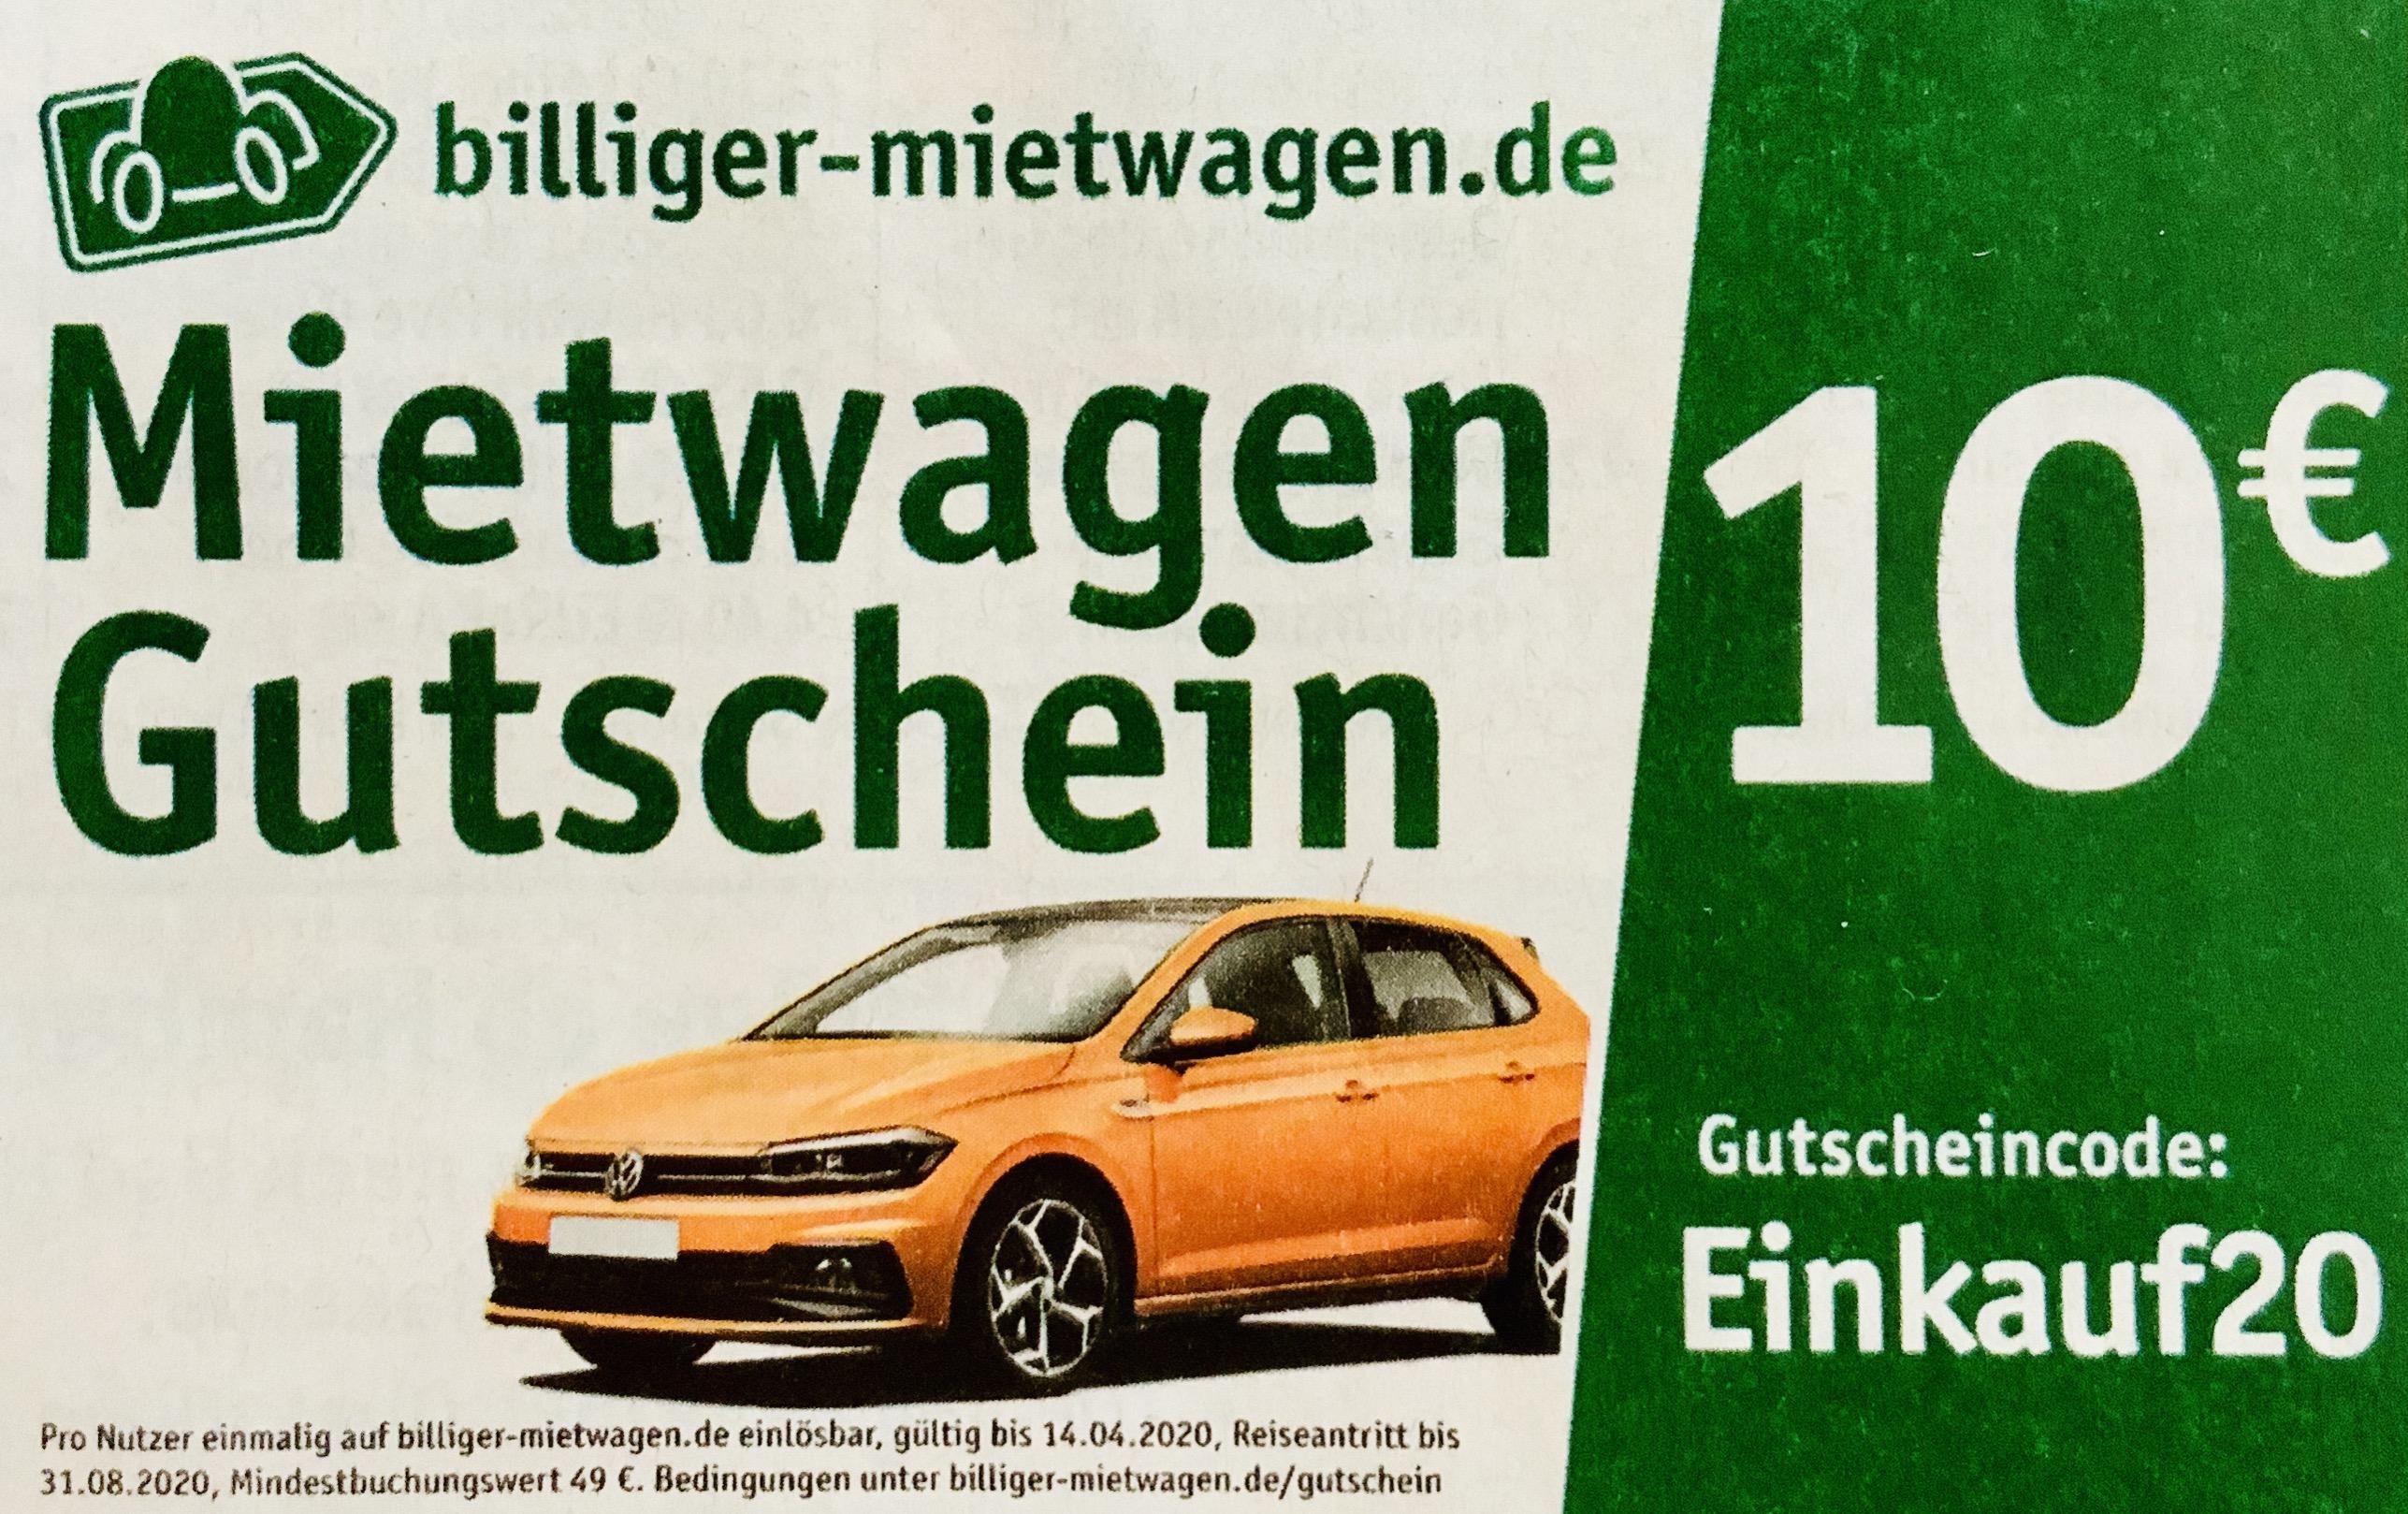 10€ Gutschein bereits ab 49€ bei billiger-mietwagen.de